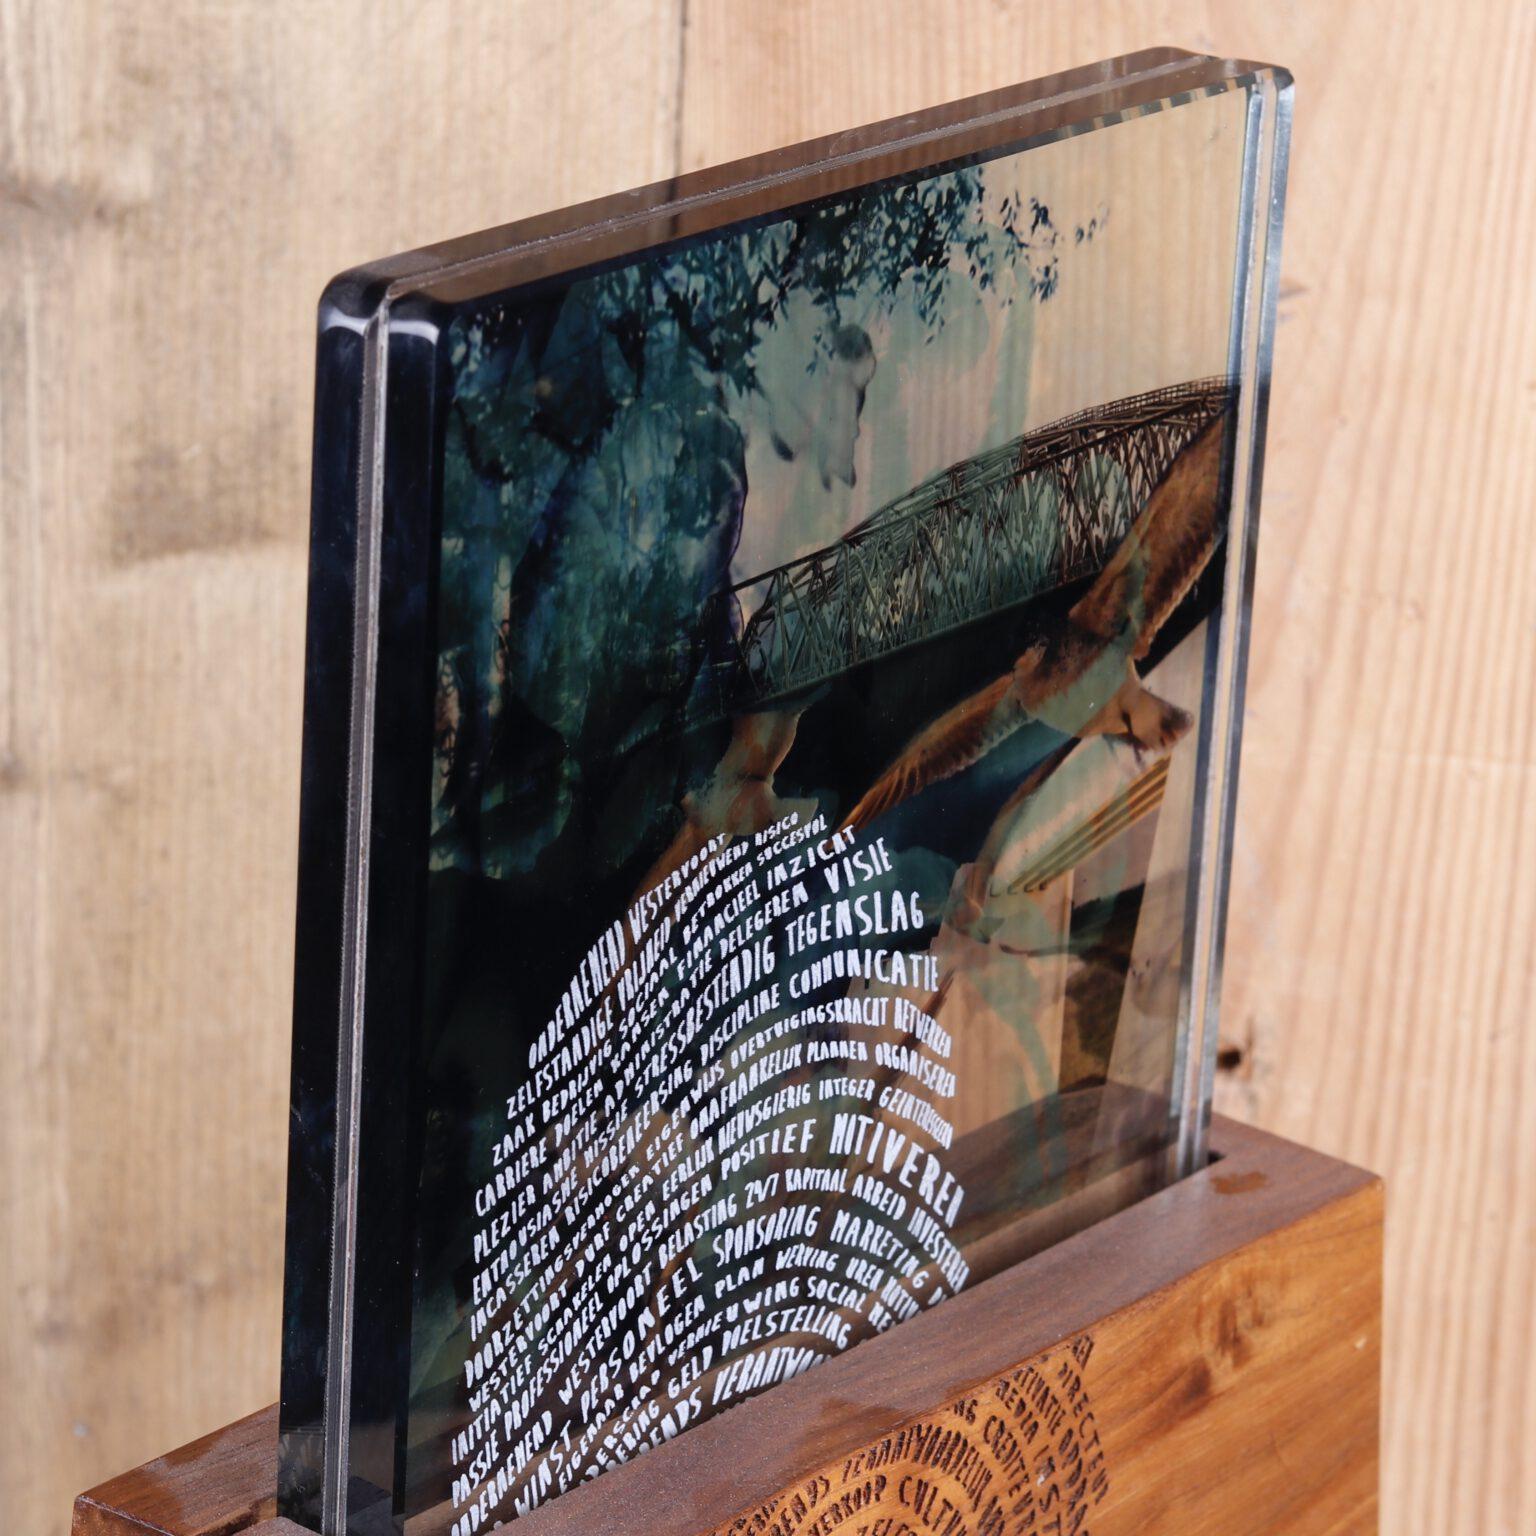 Gelamineerd glas, inclusief tekst en afbeelding